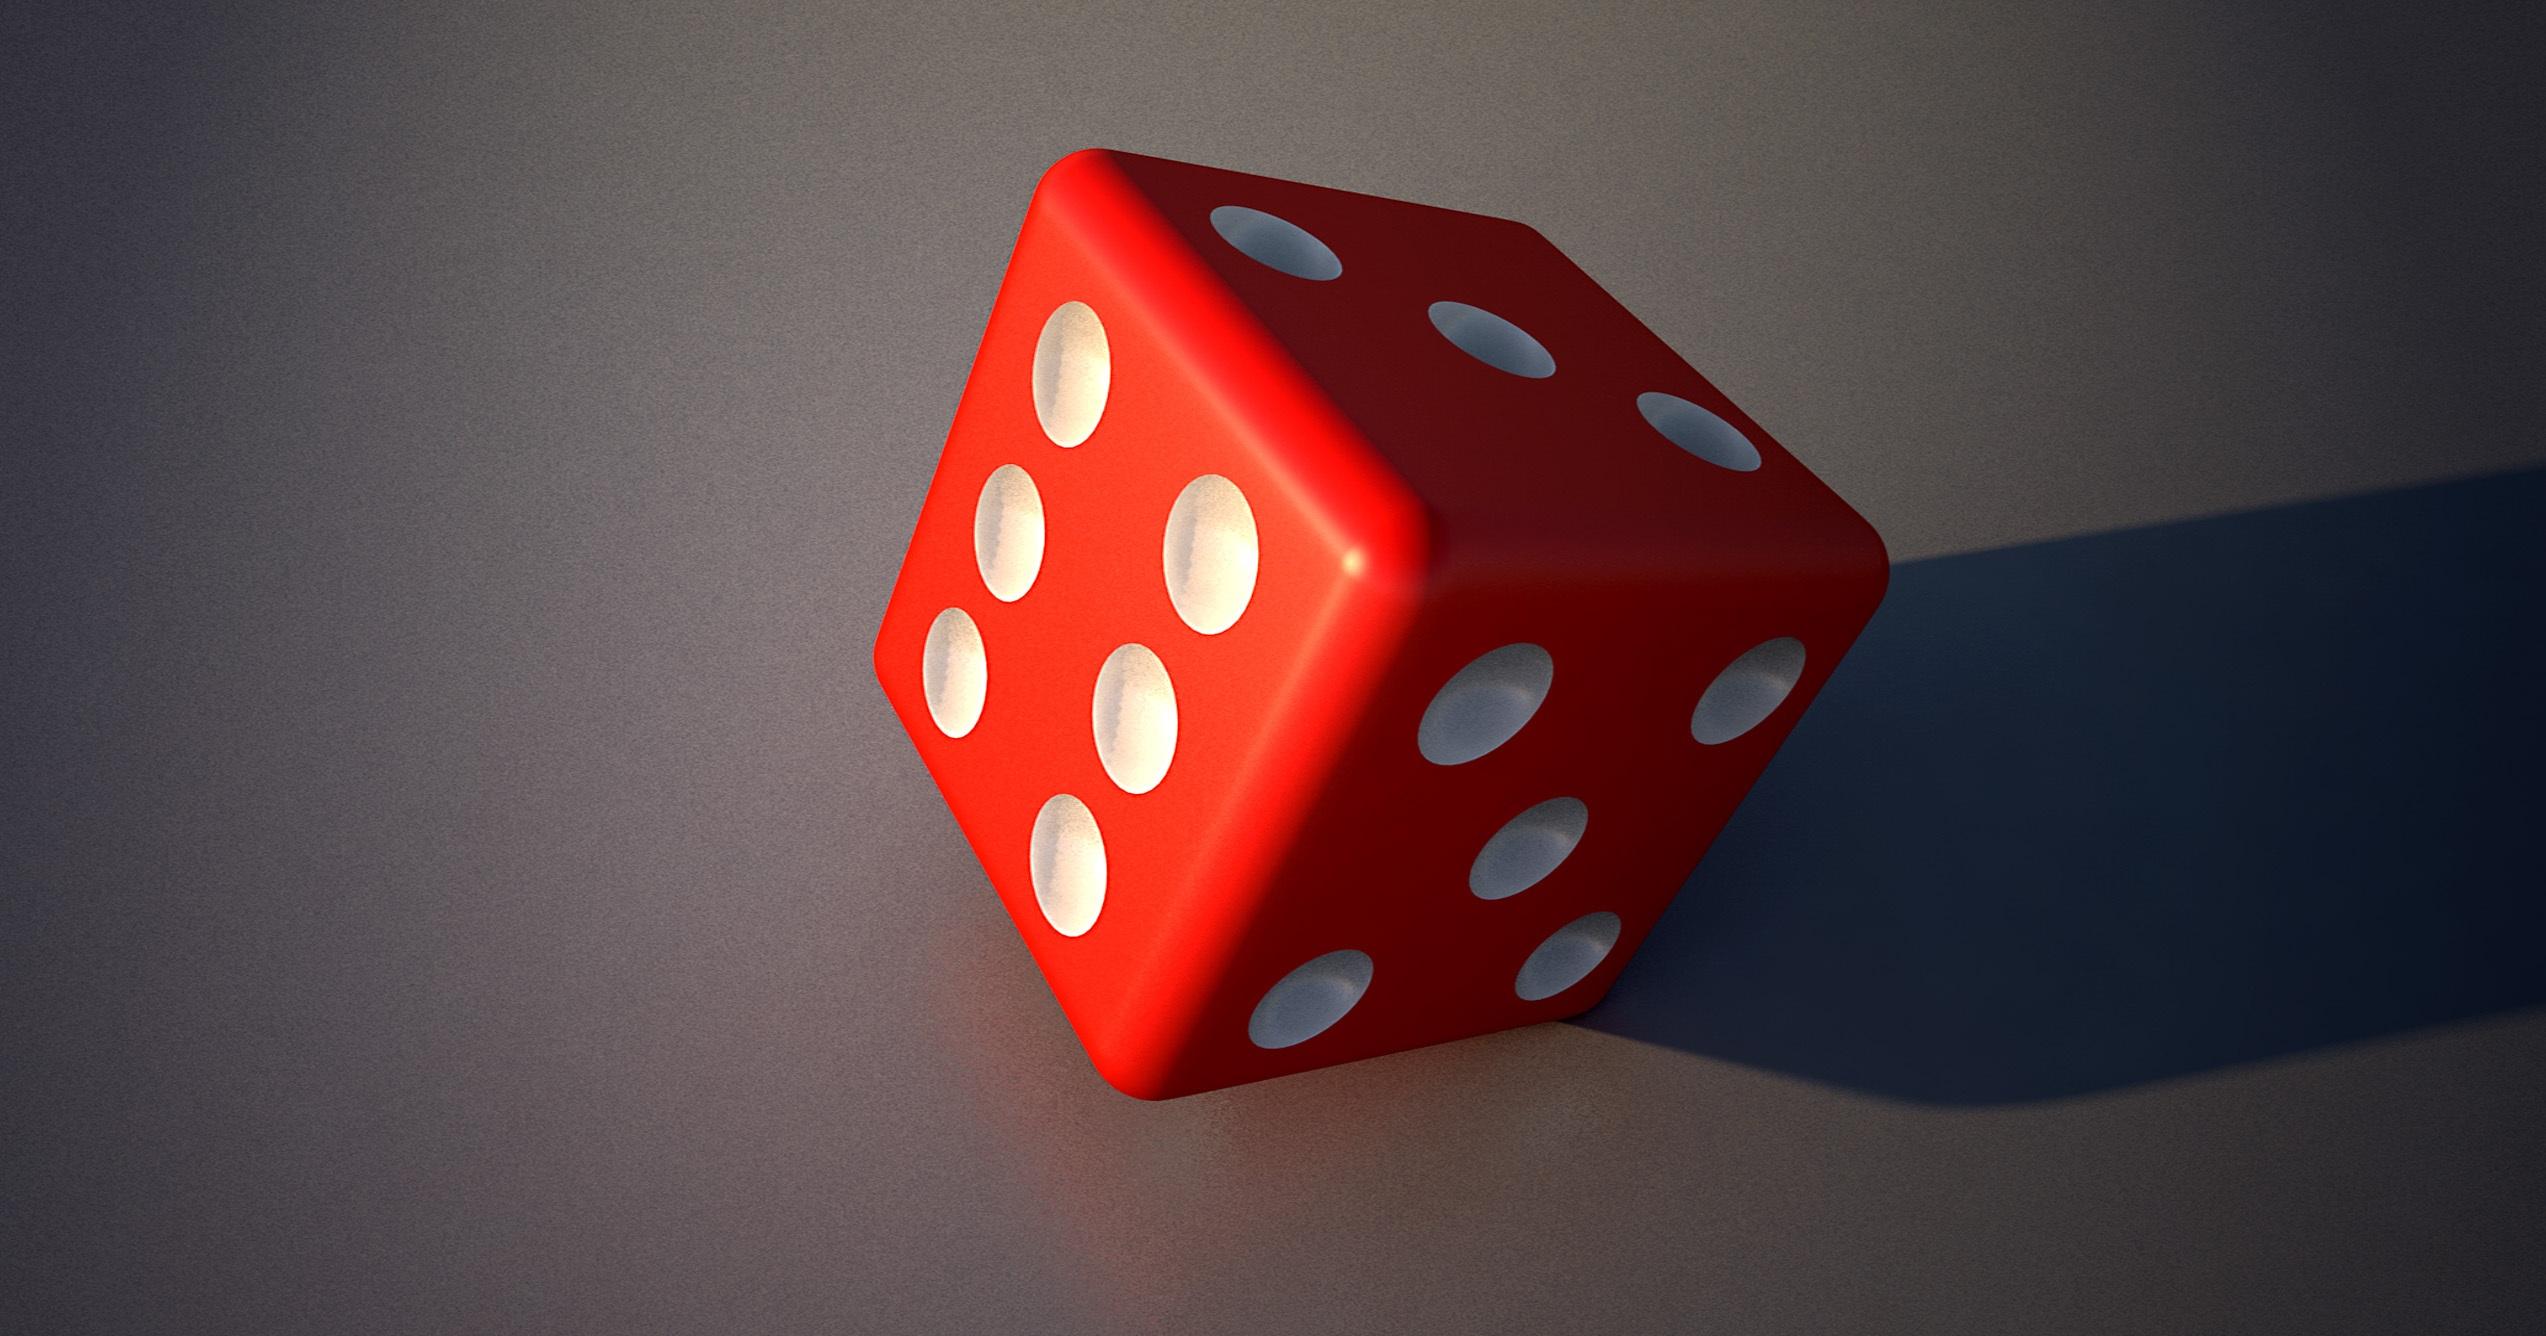 Fotos Gratis Jugar Rojo Aleatorio Paciencia Juegos Suerte